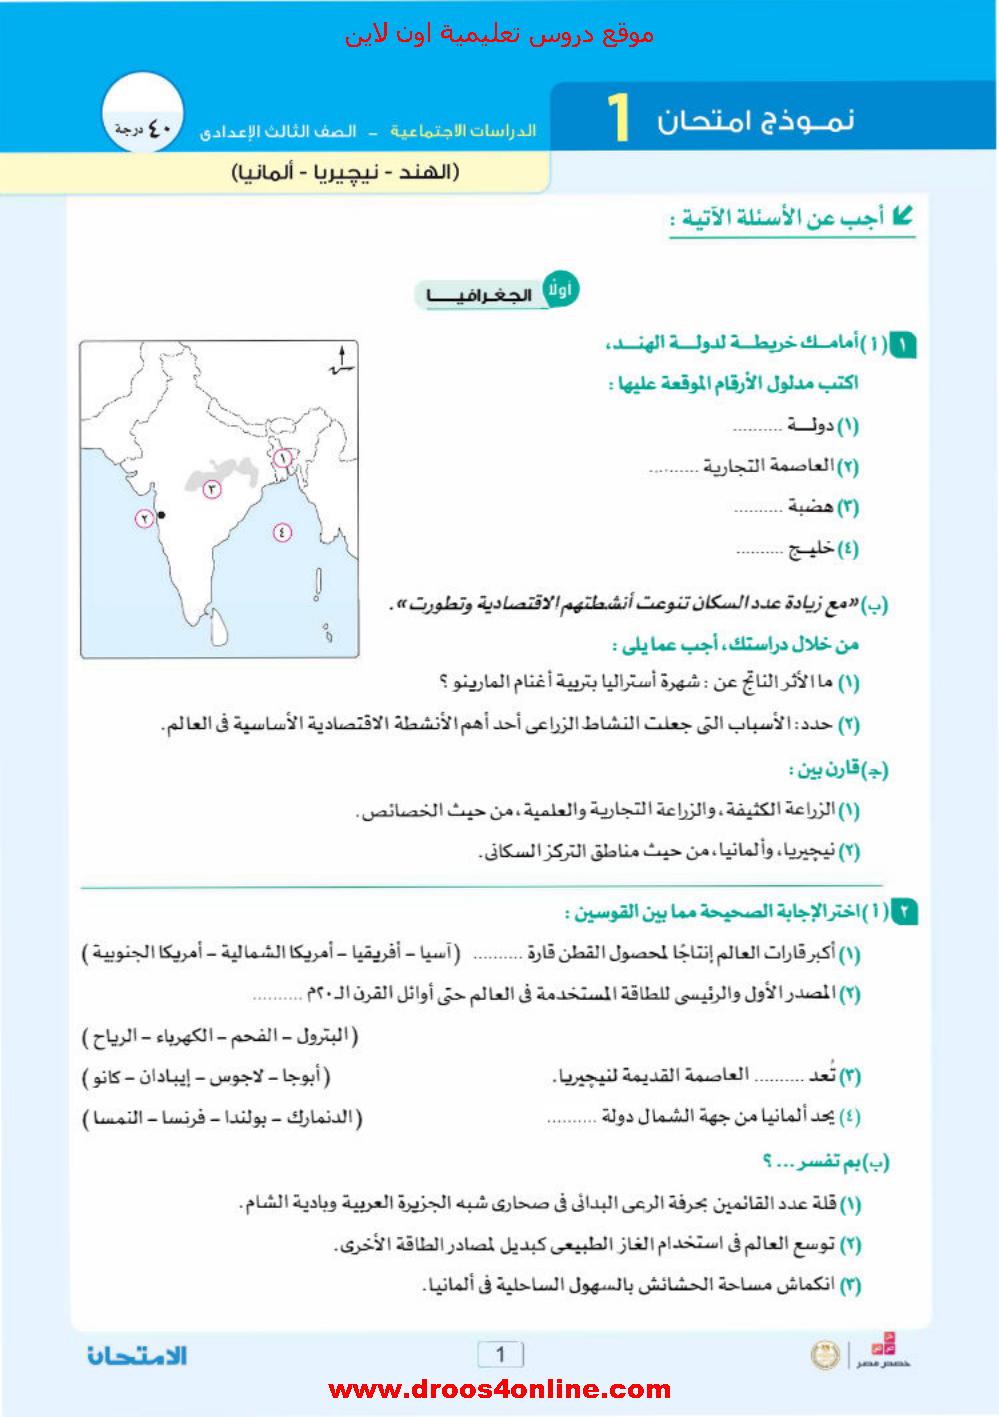 نماذج الوزارة الإسترشادية فى الدراسات الإجتماعية بالإجابات الصف الثالث الإعدادى الترم الثانى 2021